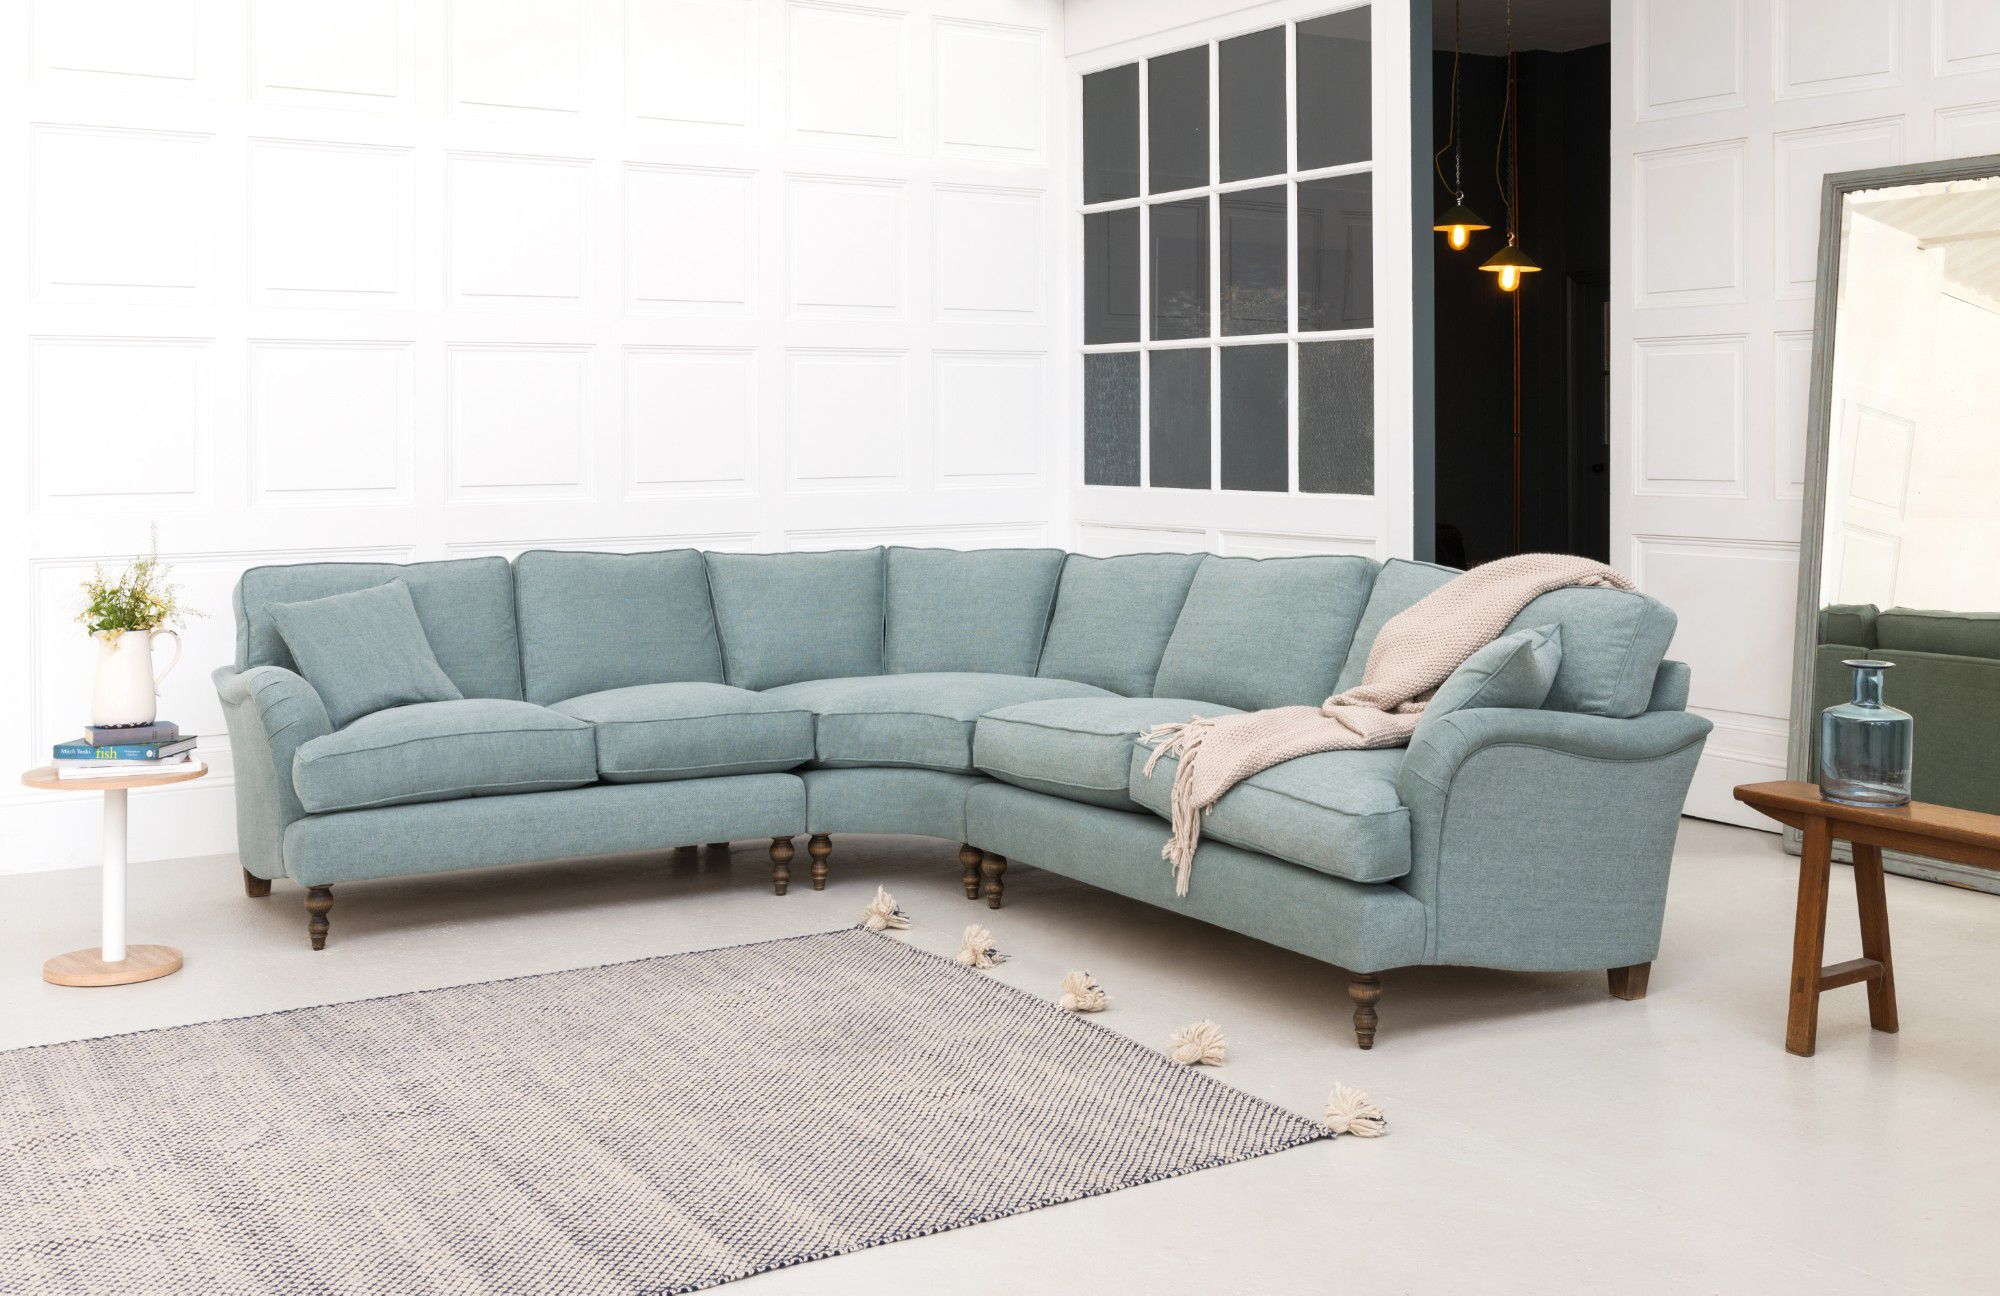 Alwinton corner sofa in Linwood Delta Azure